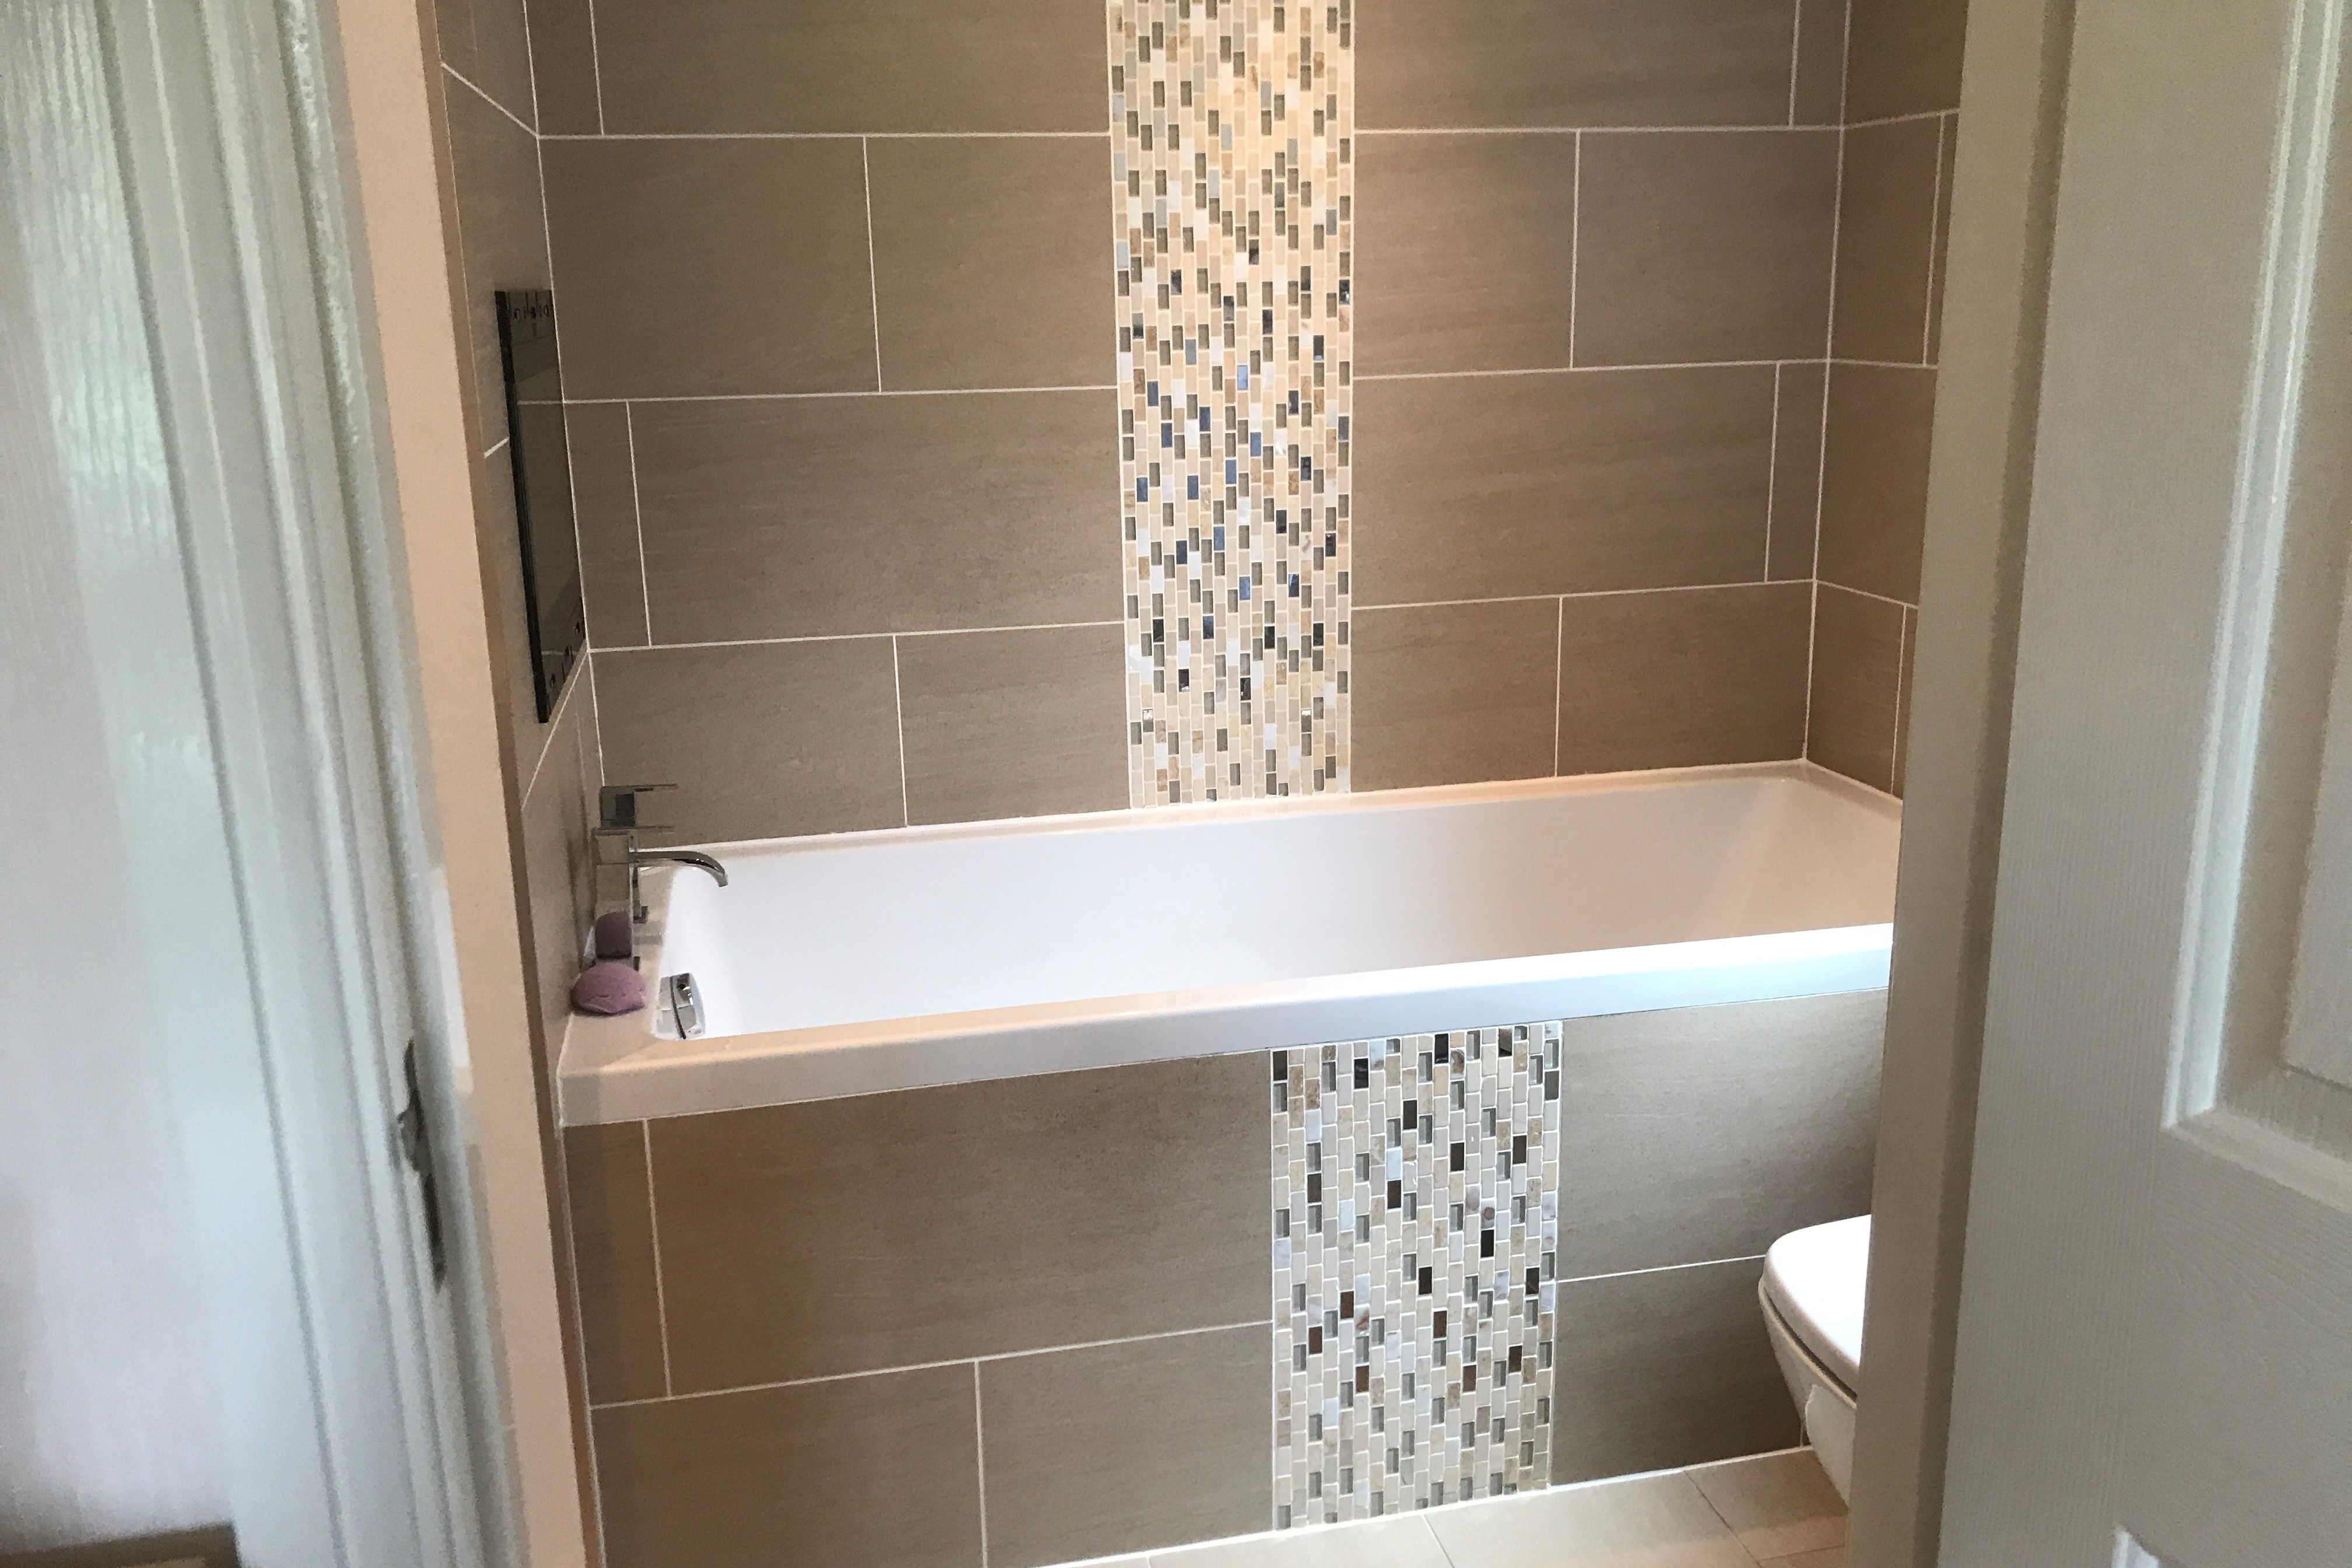 New bathroom fitted in Milnsbridge, Huddersfield by JDF Plumbers